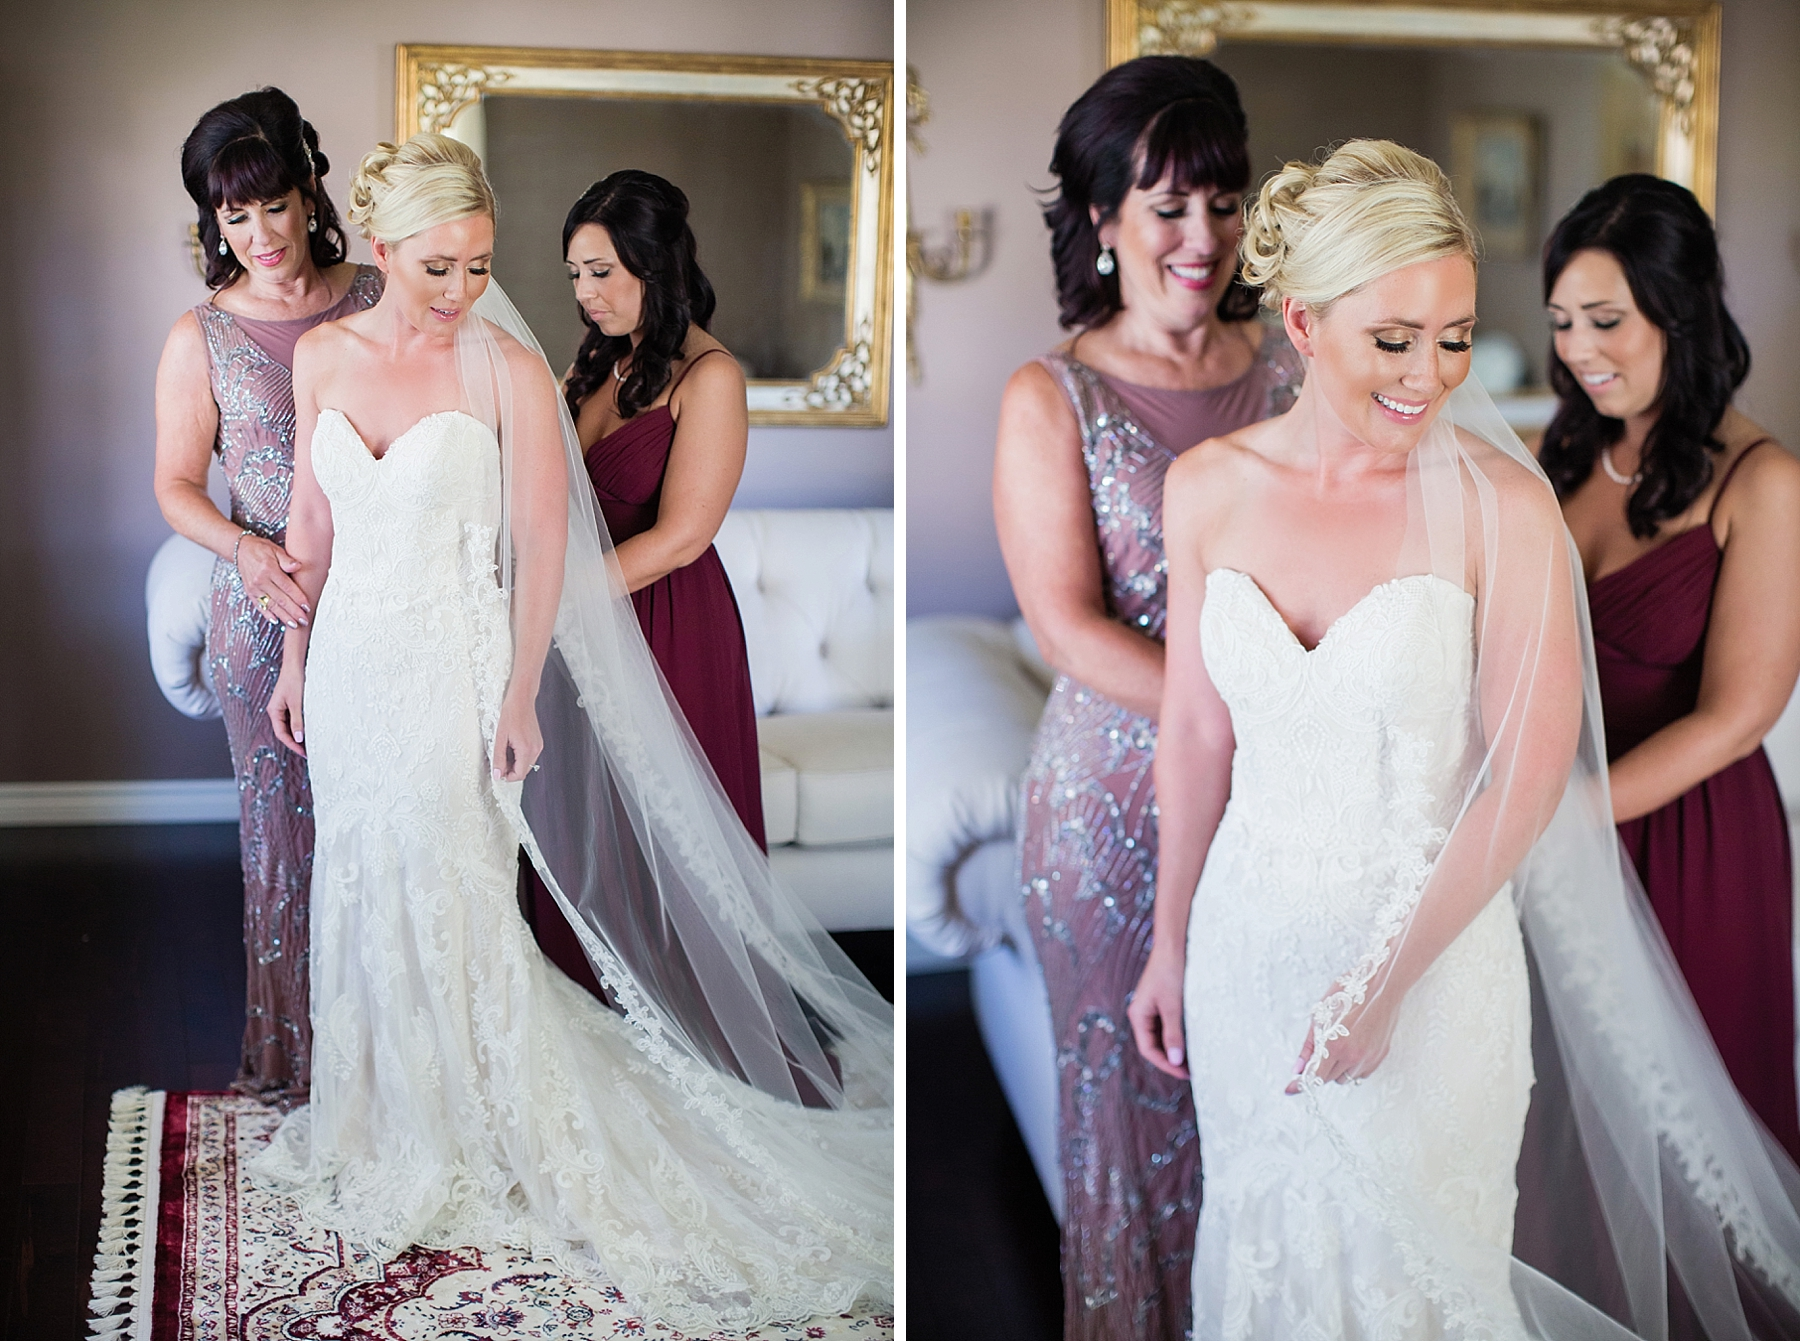 windsor-wedding-photographer-essex-golf-country-club-wedding-eryn-shea-photography_0013.jpg